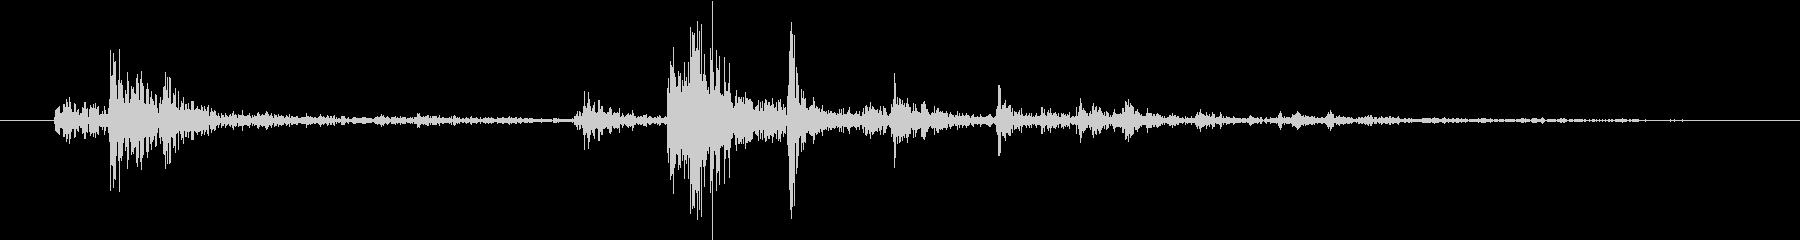 【生録音】弁当・惣菜パックの音10 フタの未再生の波形